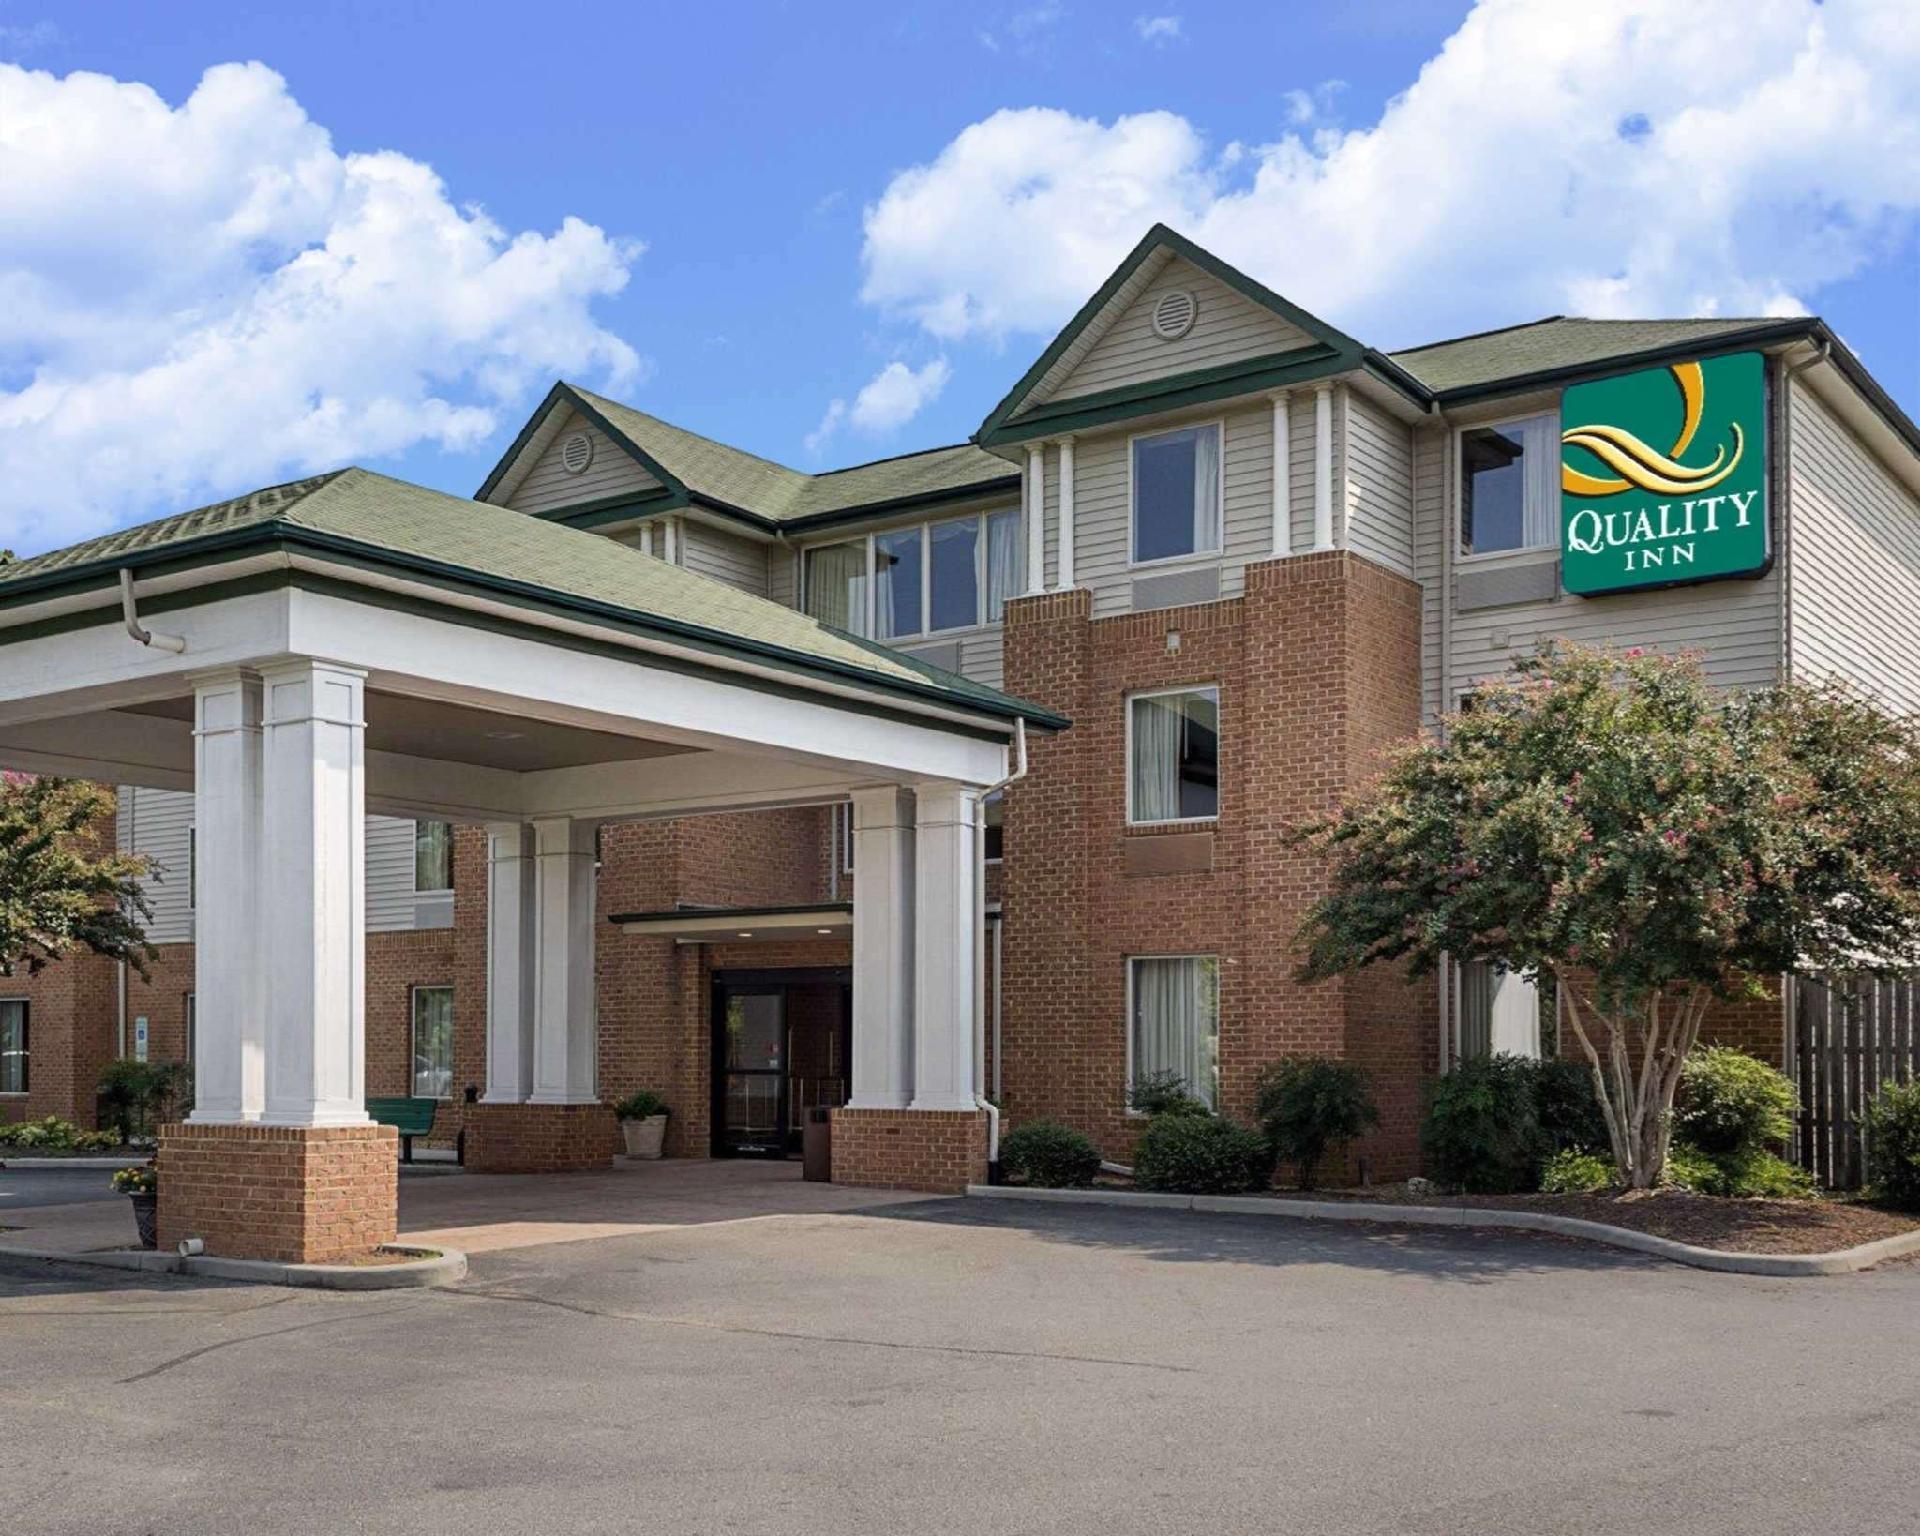 Quality Inn Gloucester